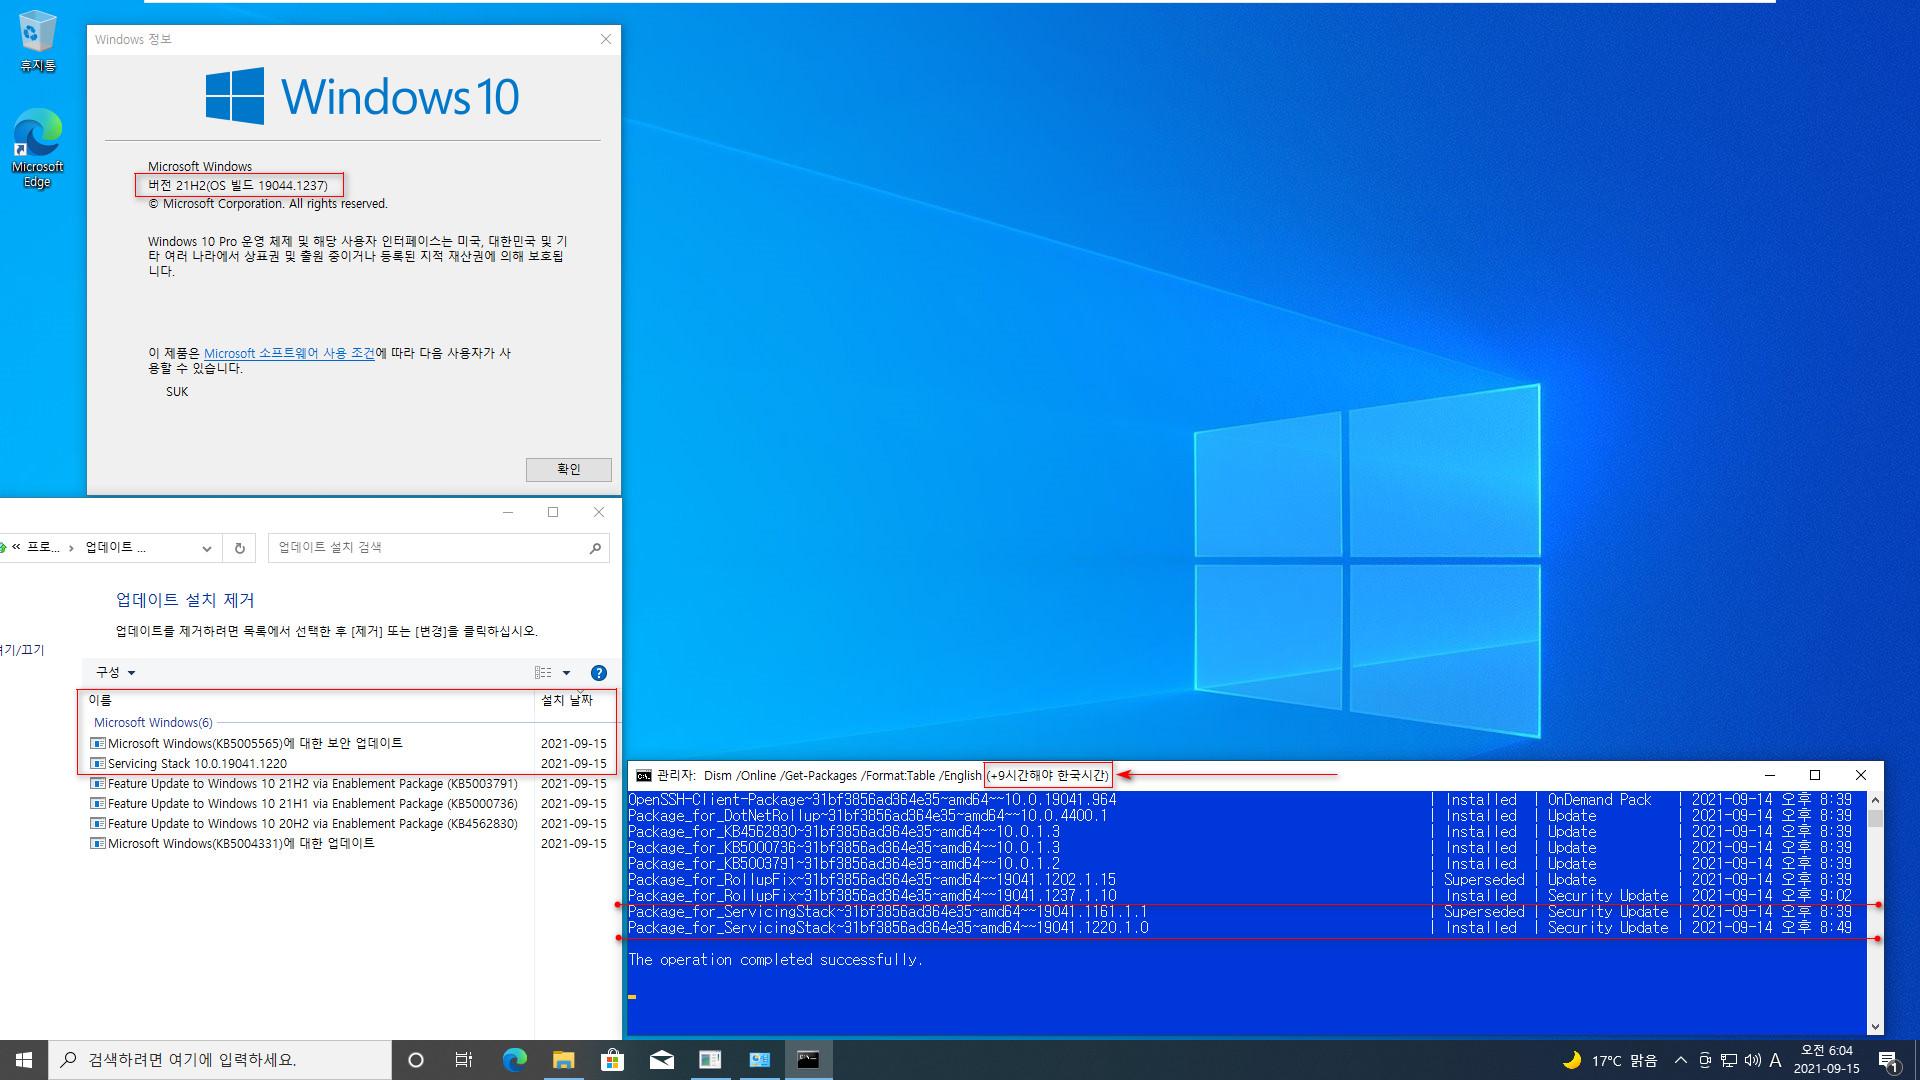 2021-09-15 정기 업데이트 - Windows 10 버전 21H2, 빌드 19044.1237 - 공용 누적 업데이트 KB5005565 - vmware에 설치 - 재부팅 후 2021-09-15_060453.jpg